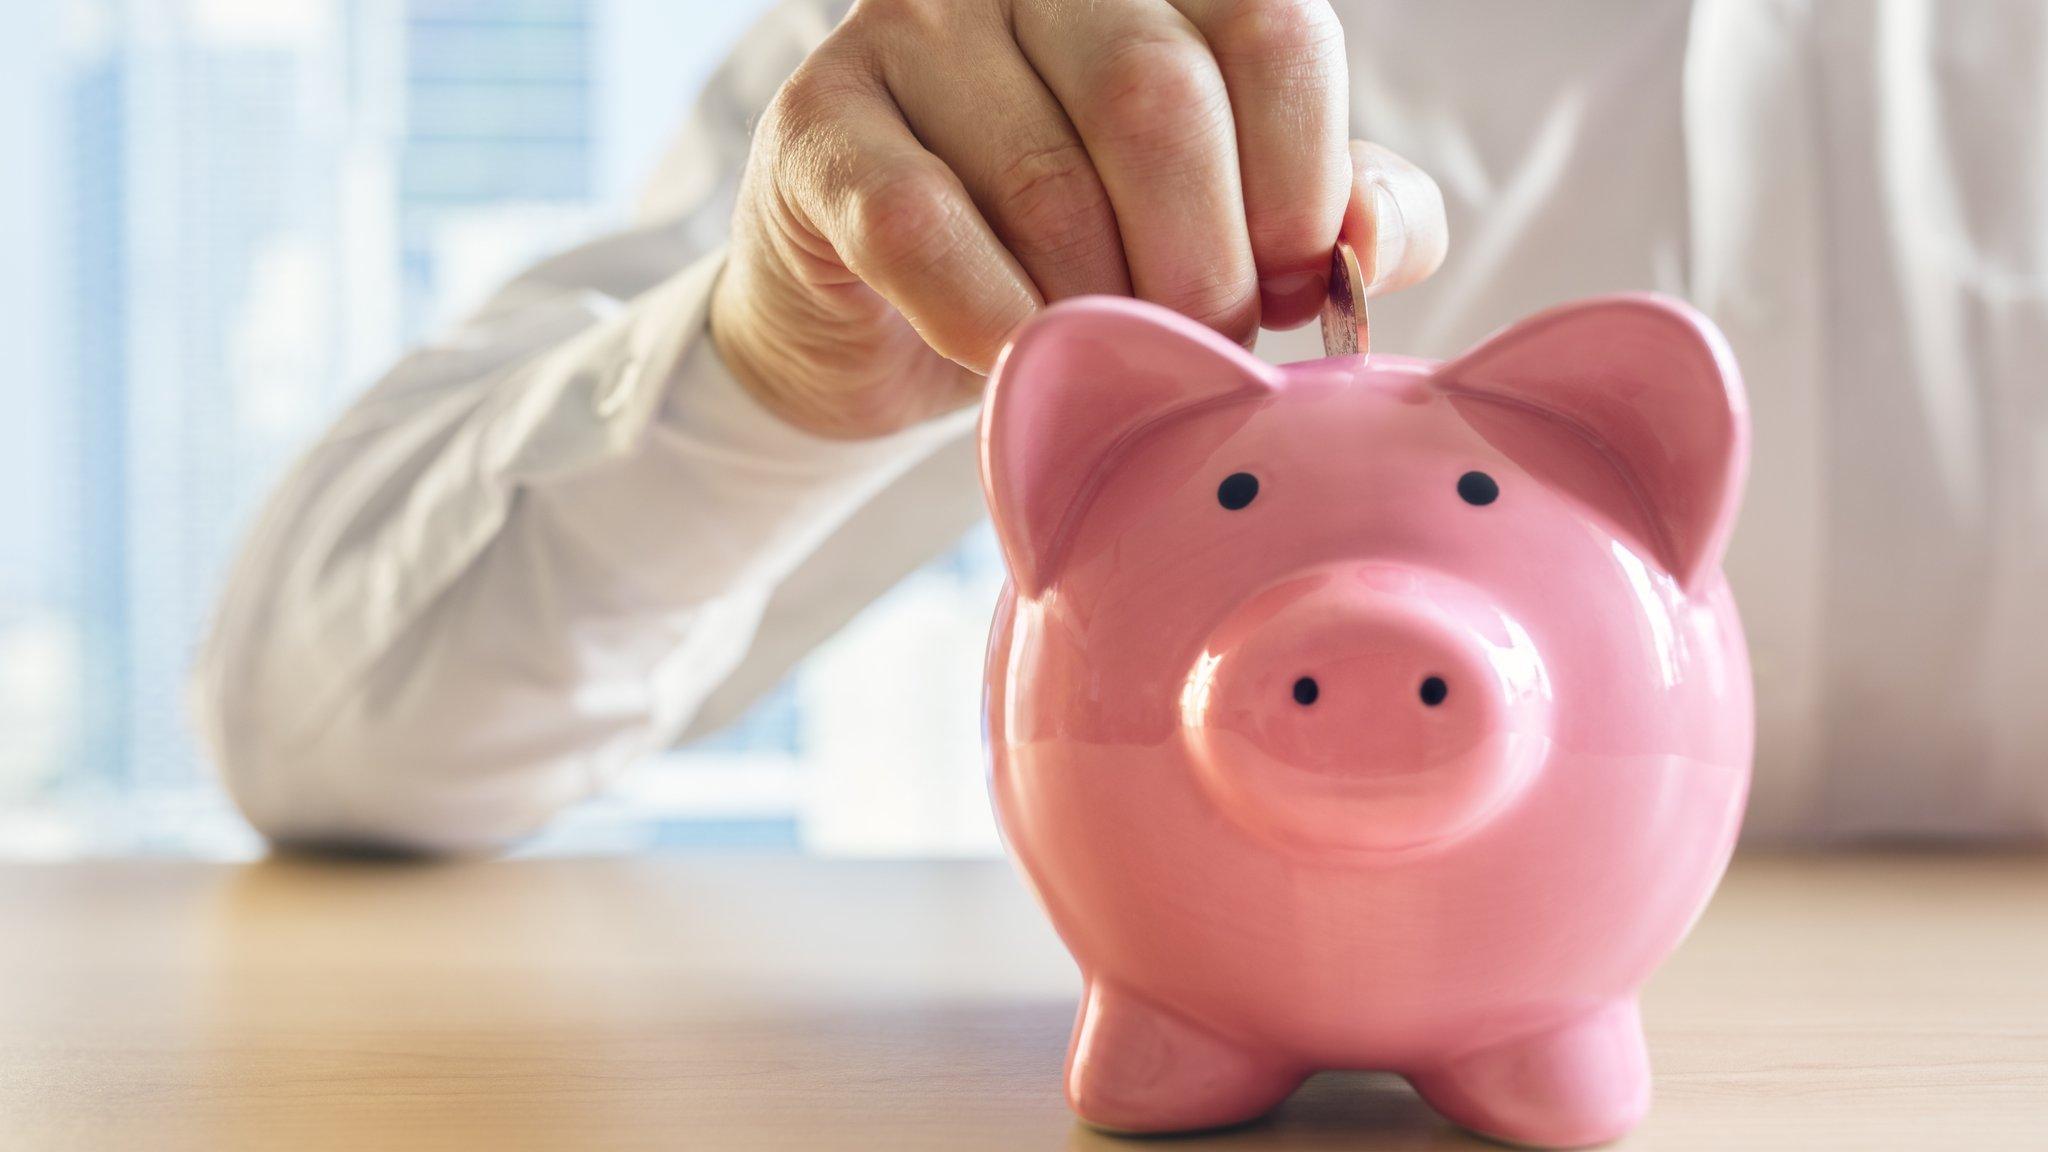 Cash Isa savings rates begin to tick up